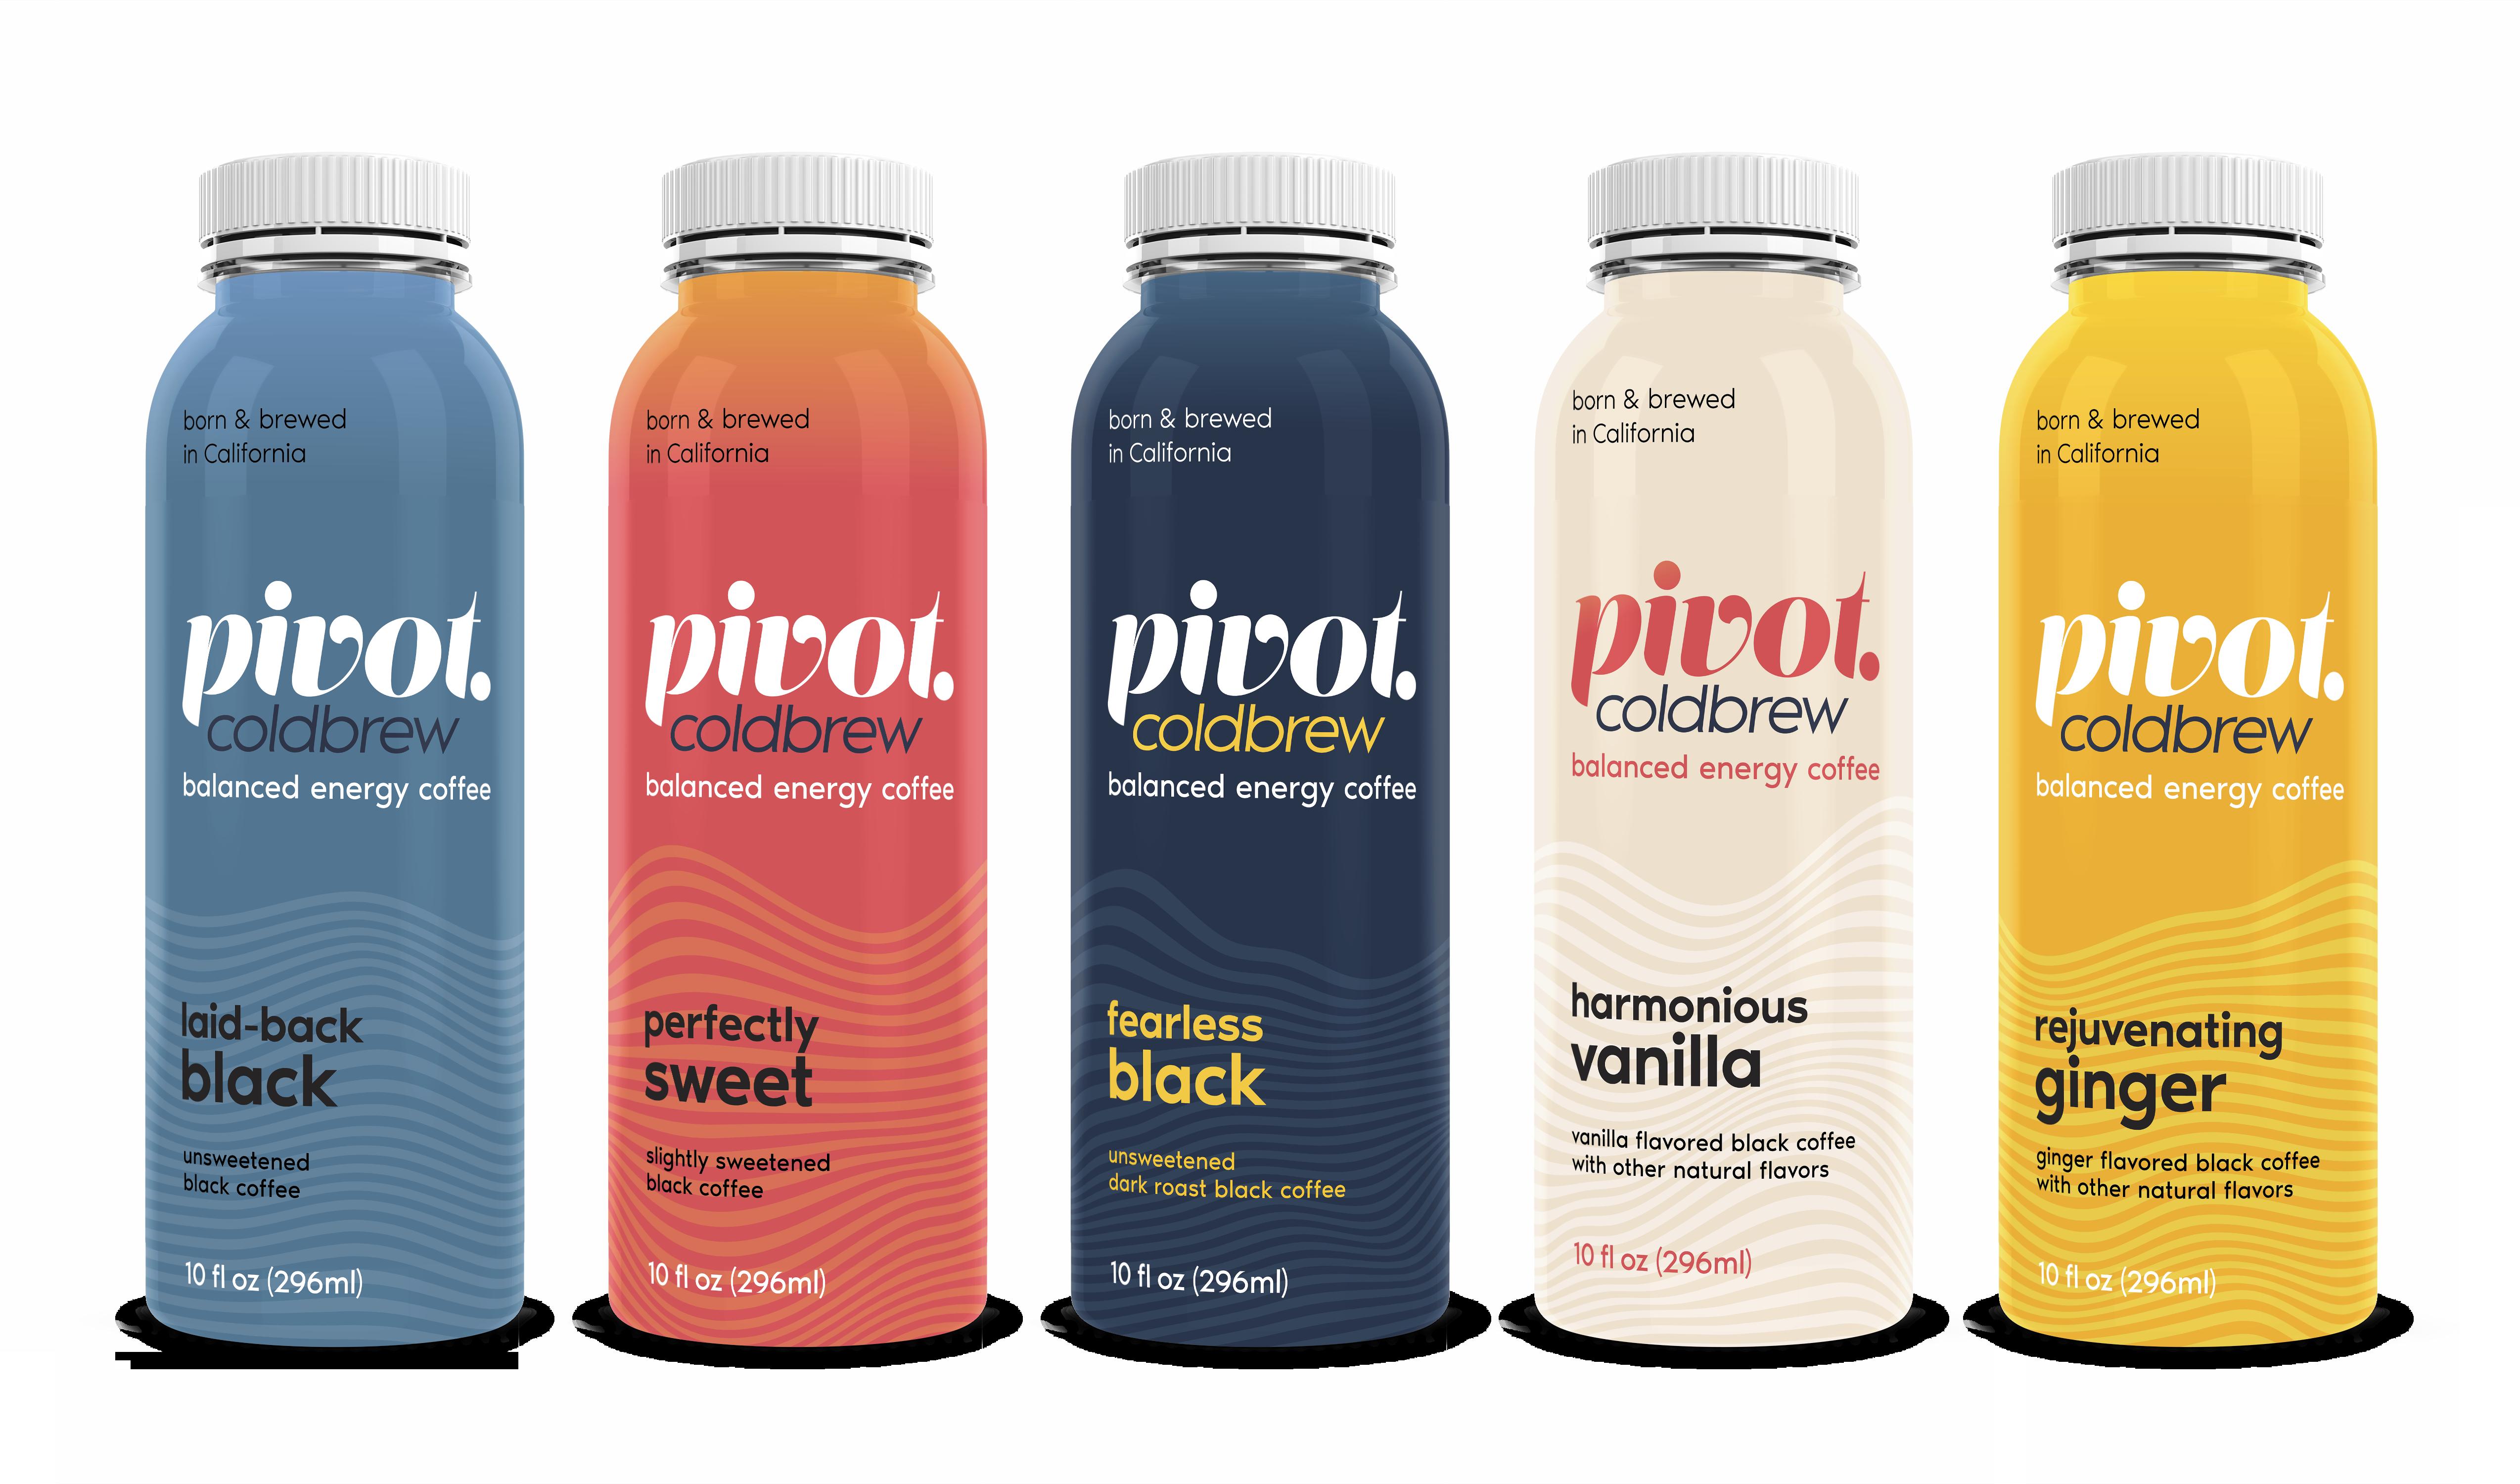 Pivot Coldbrew Launches